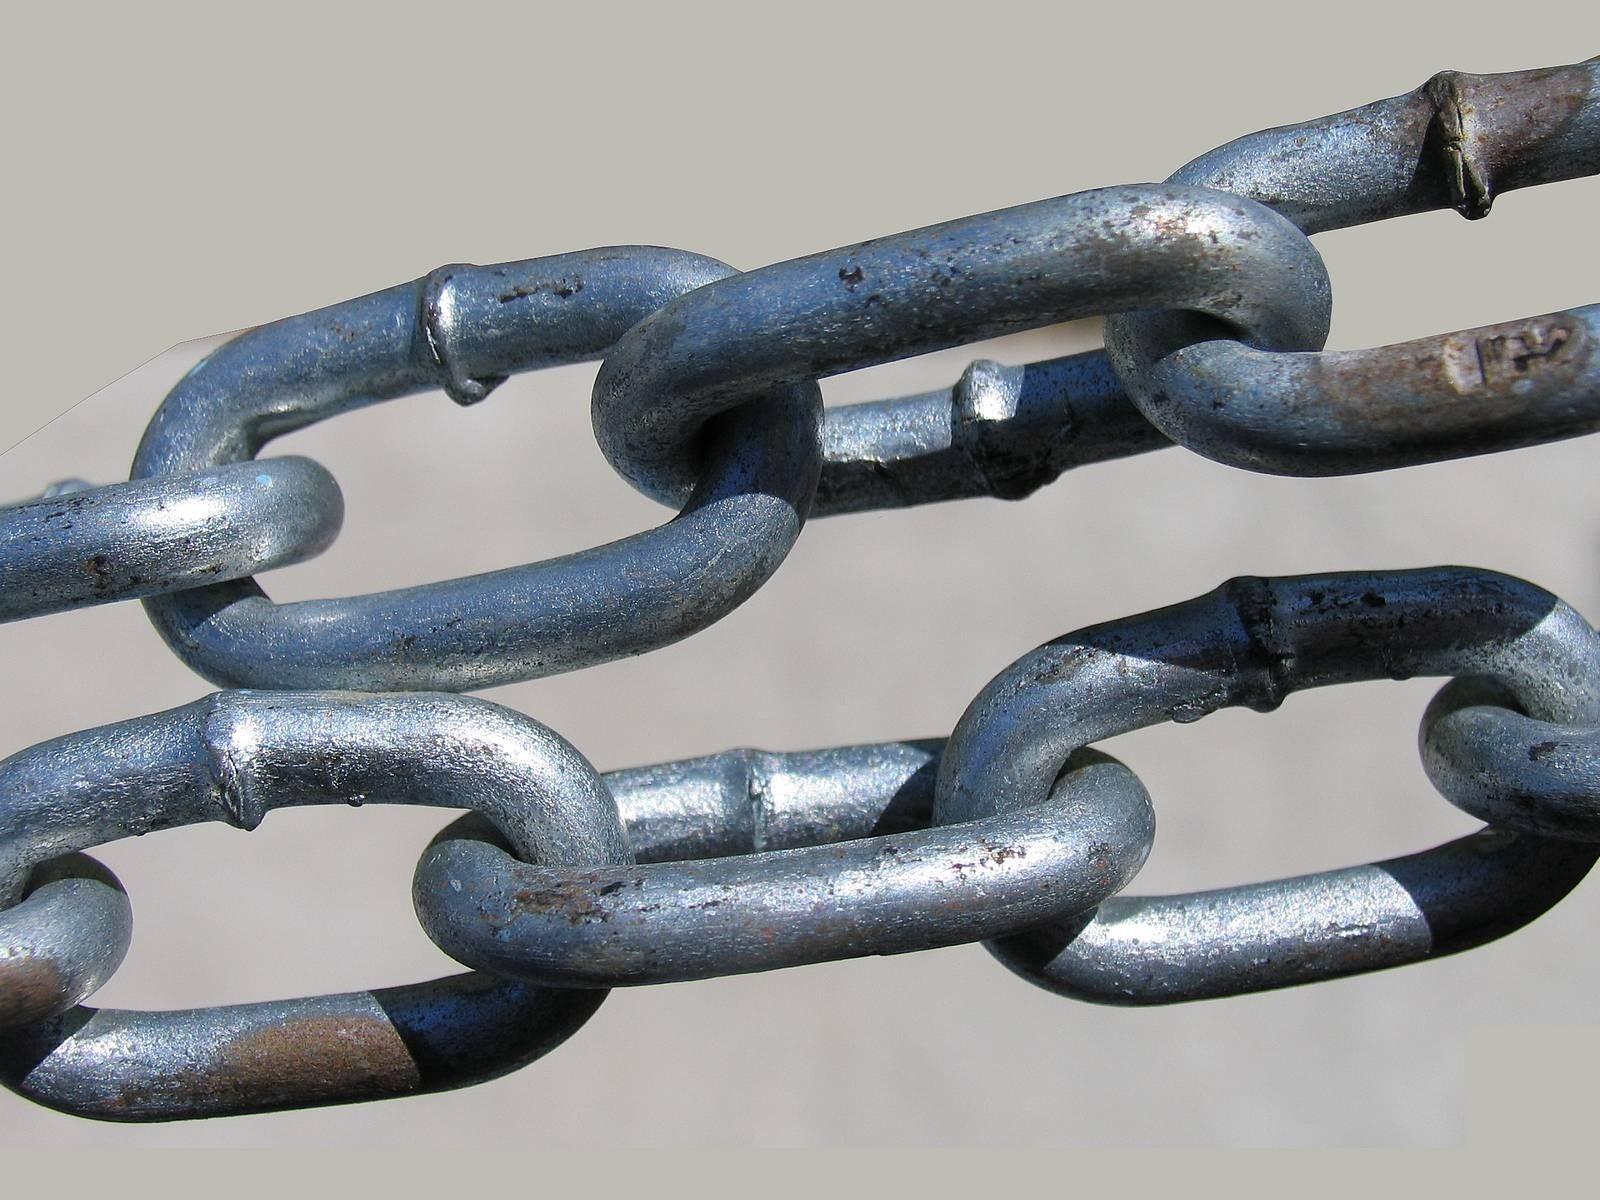 العبوديّة الطّوعيّة.. لماذا نقيّد أنفسنا بالسلاسل؟